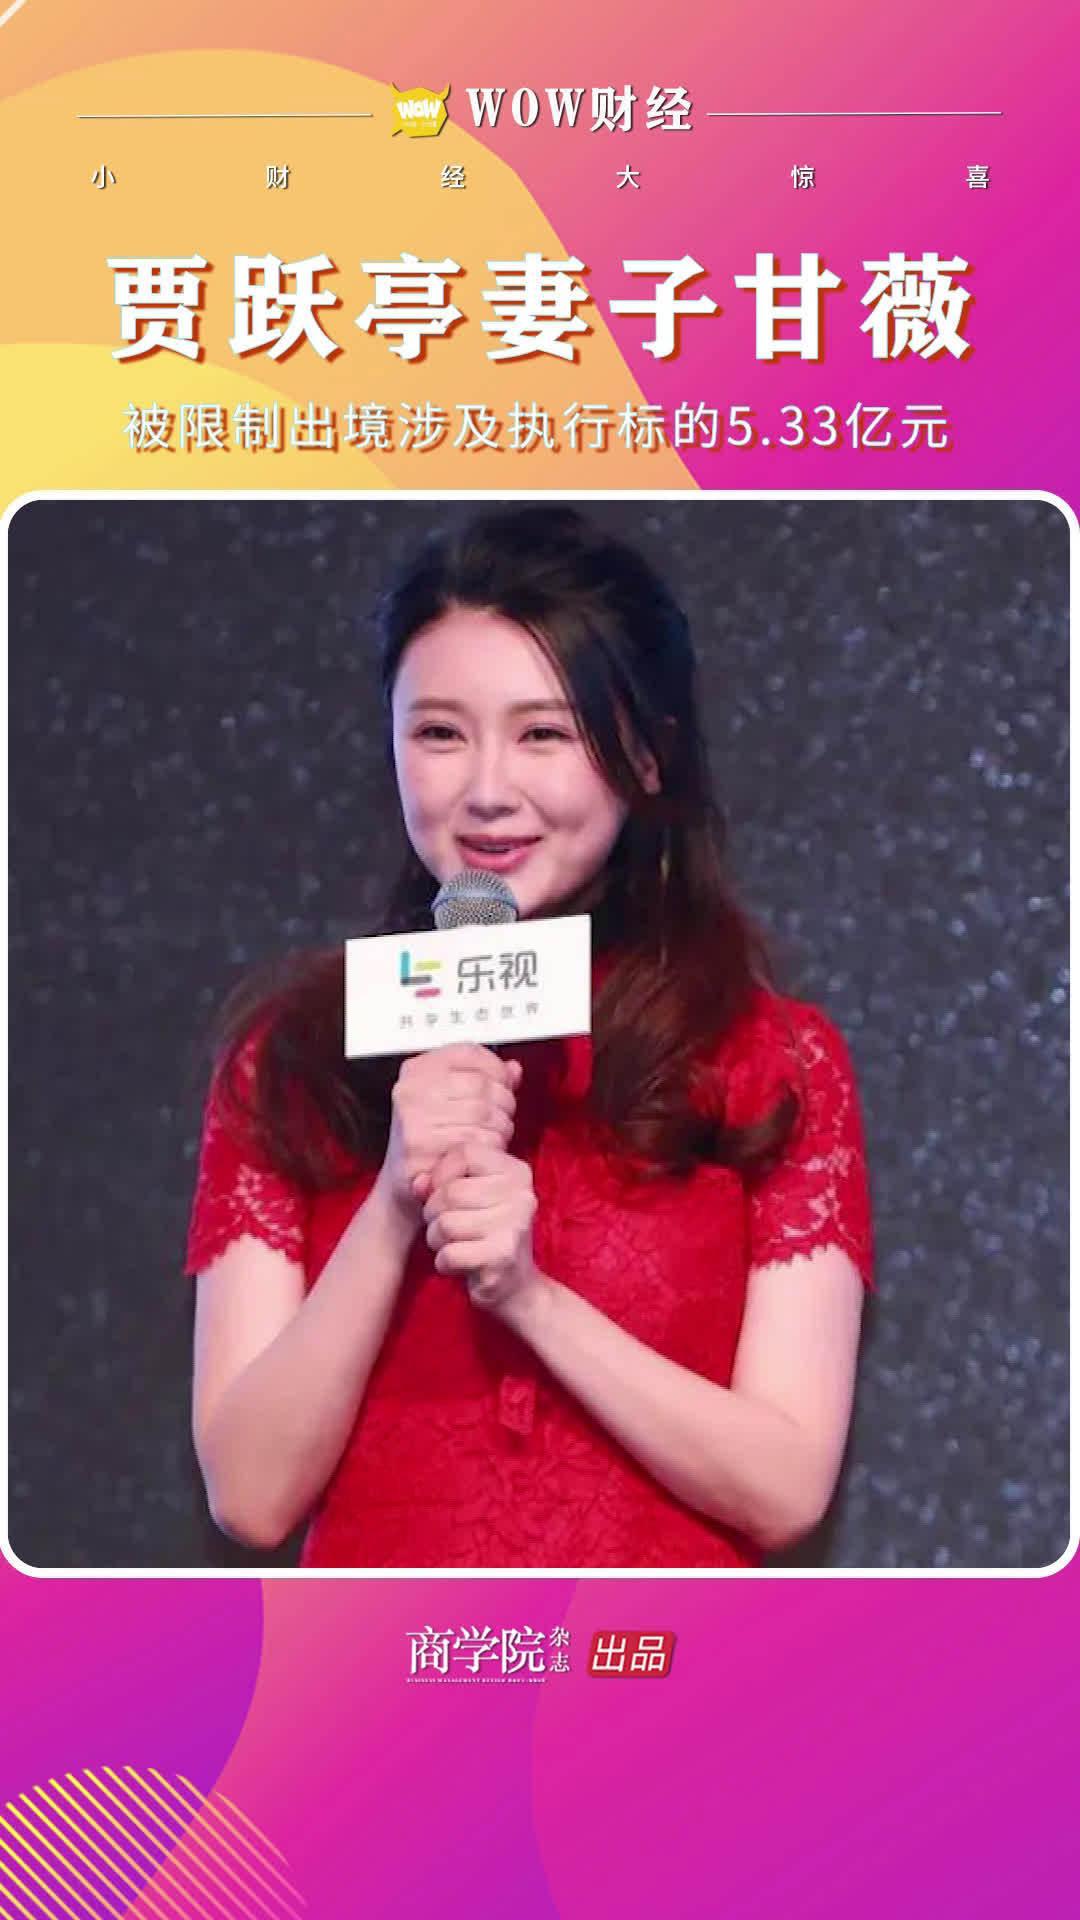 贾跃亭妻子甘薇被限制出境 涉及执行标的5.33亿元